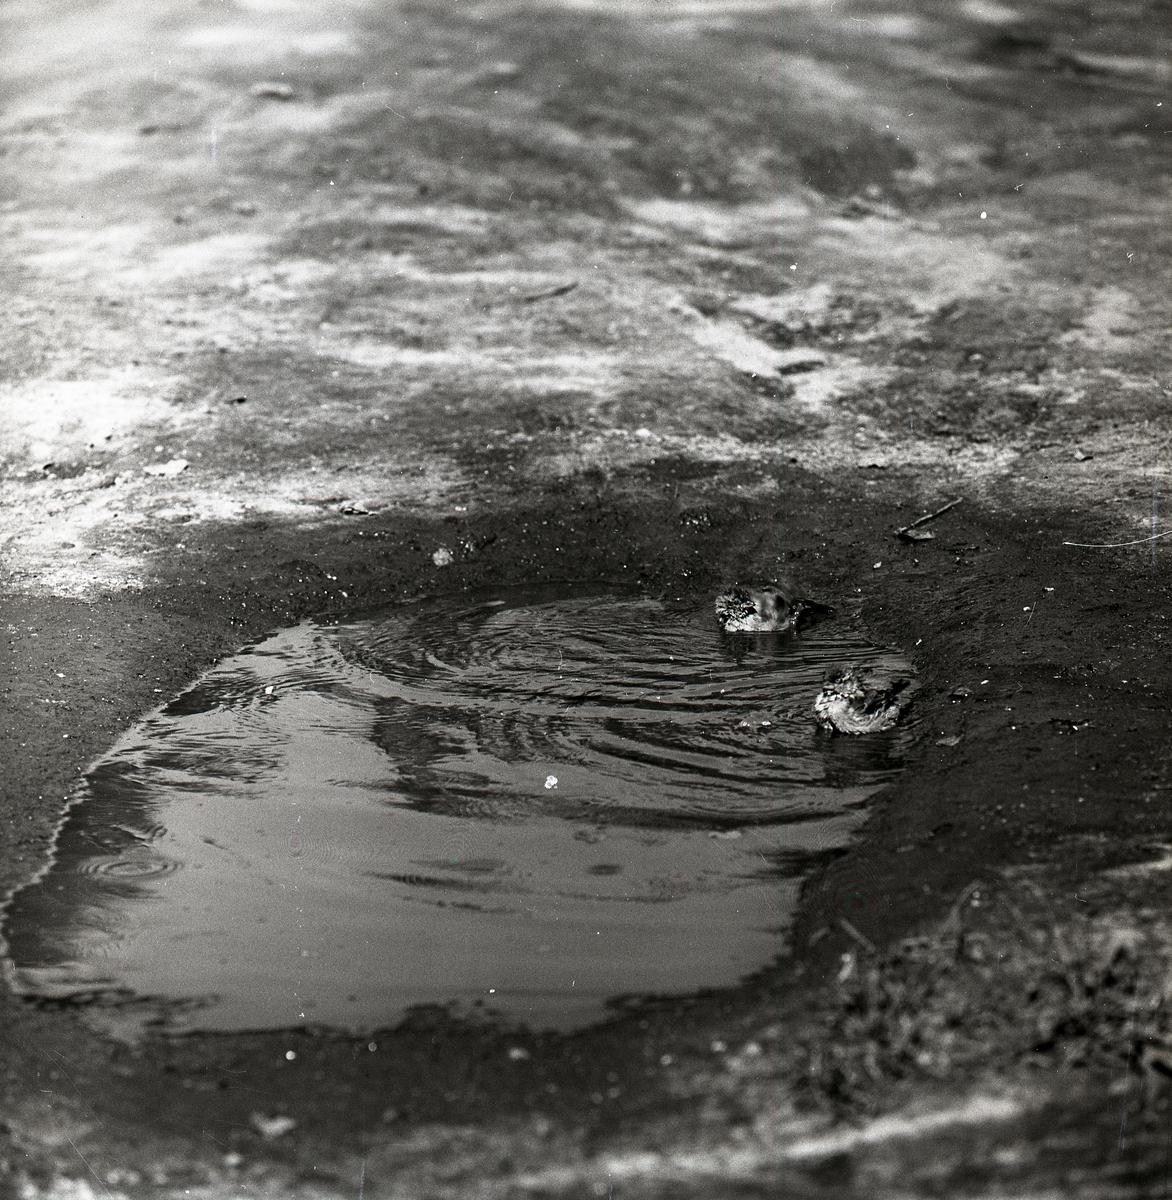 Två badande gråsparvar i en vattenpöl, augusti 1960.